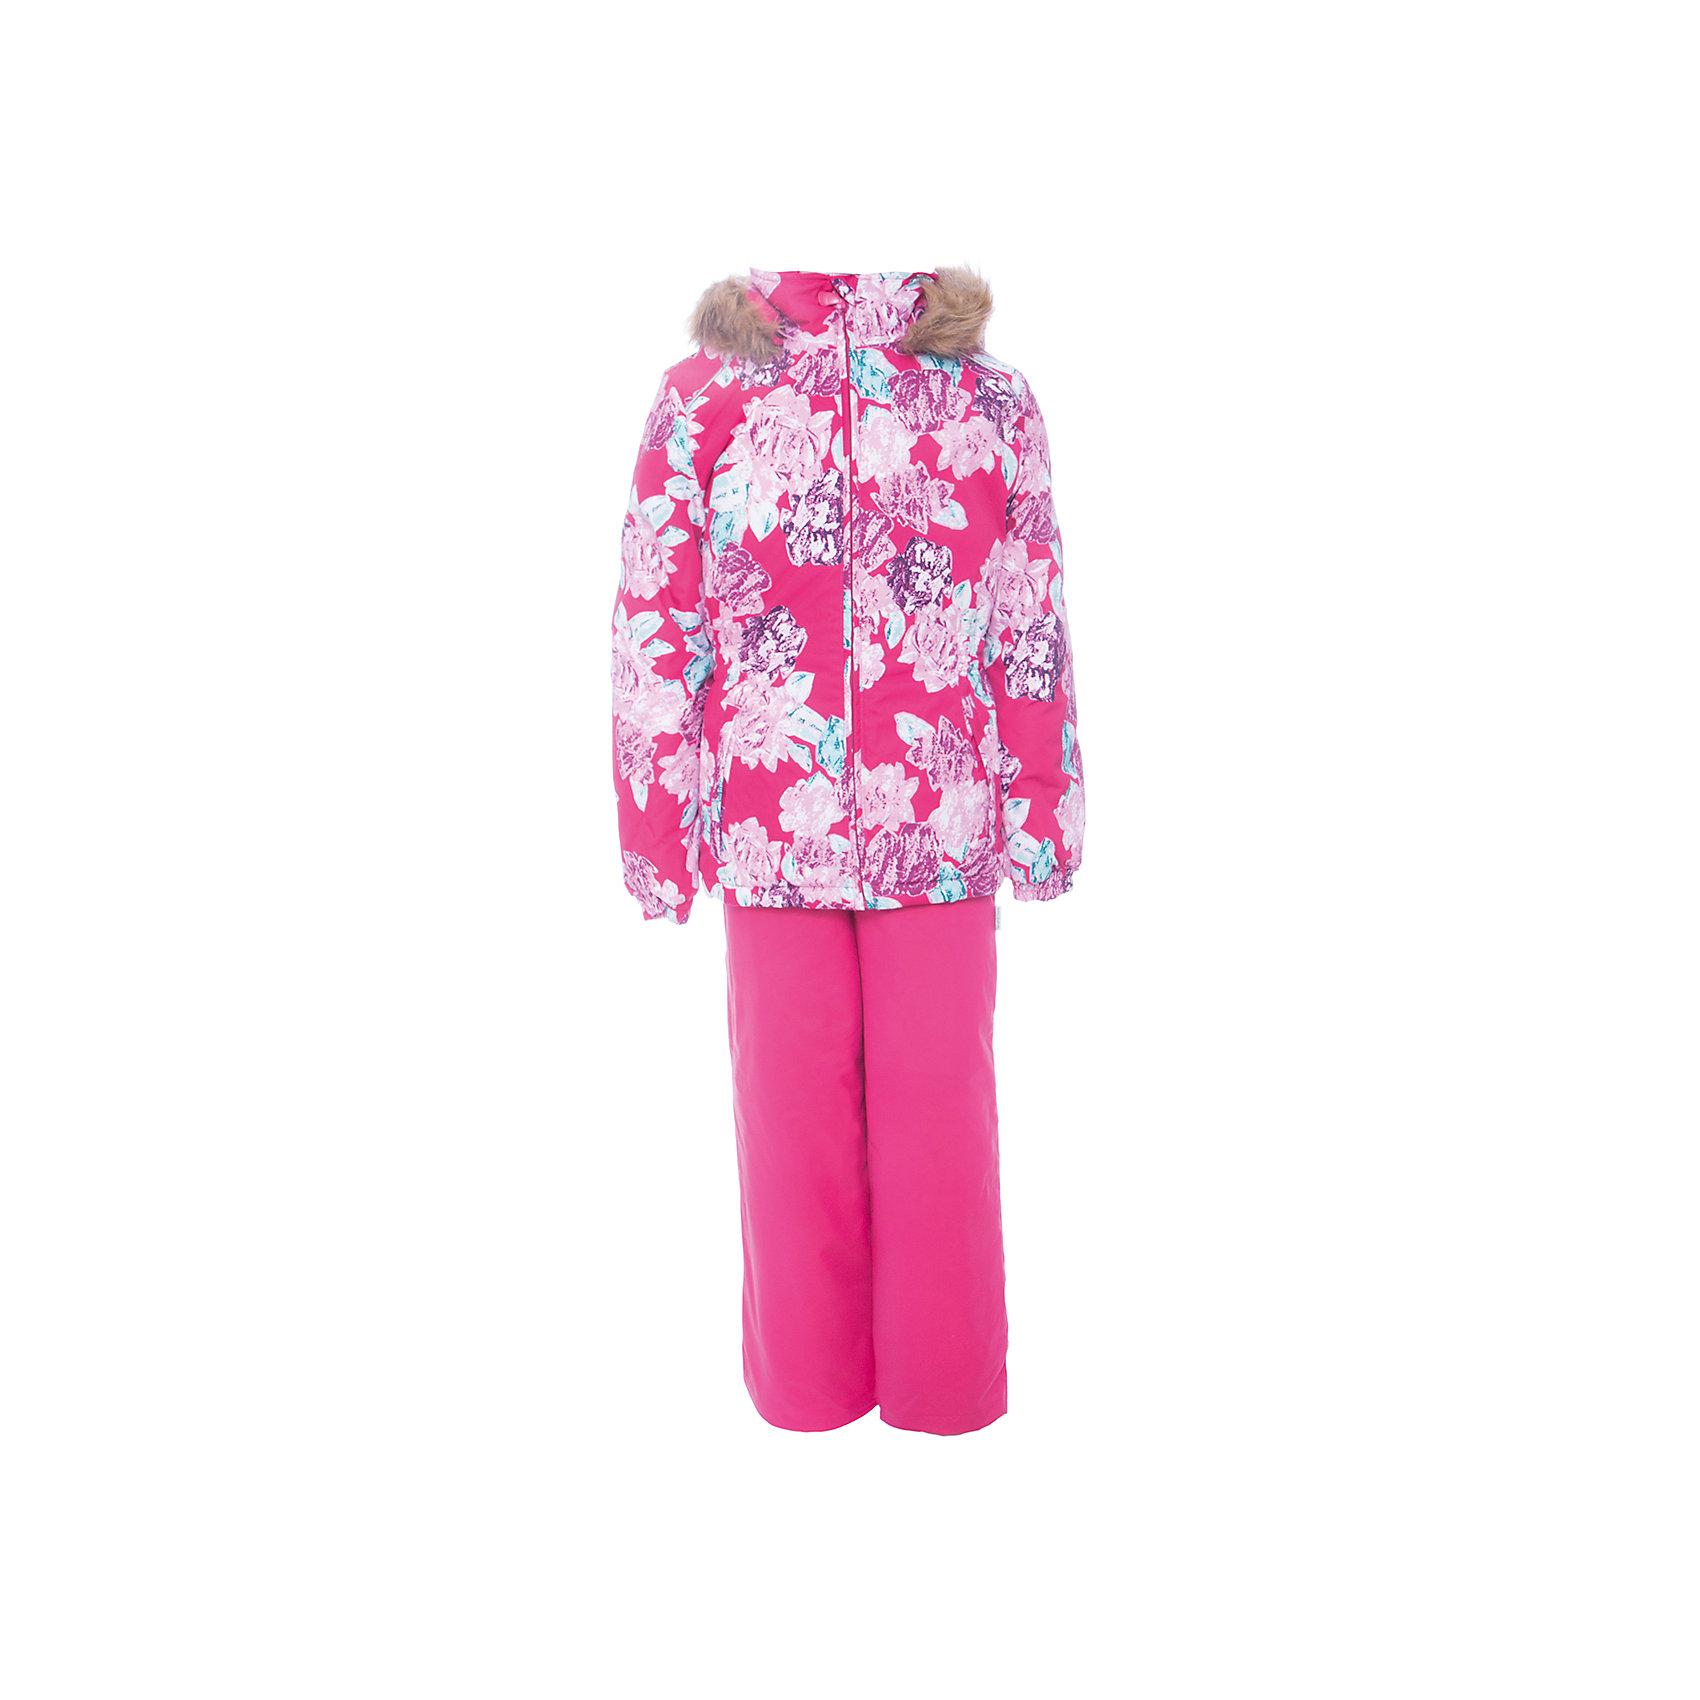 Комплект: куртка и брюки WONDER Huppa для девочкиВерхняя одежда<br>Комплект для девочек WONDER.Водо и воздухонепроницаемость  10 000.Утеплитель 300 гр куртка/160 гр брюки.Подкладка тафта, флис 100% полиэстер.Отстегивающийся капюшон с мехом.Манжеты рукавов на резинке.Регулируемые низы.Внутренняя снегозащита брюк.Швы проклеены.Резиновые подтяжки.Имеются светоотражательные элементы.<br>Состав:<br>100% Полиэстер<br><br>Ширина мм: 356<br>Глубина мм: 10<br>Высота мм: 245<br>Вес г: 519<br>Цвет: фуксия<br>Возраст от месяцев: 36<br>Возраст до месяцев: 48<br>Пол: Женский<br>Возраст: Детский<br>Размер: 104,110,116,122,128,134,140,92,98<br>SKU: 7027068